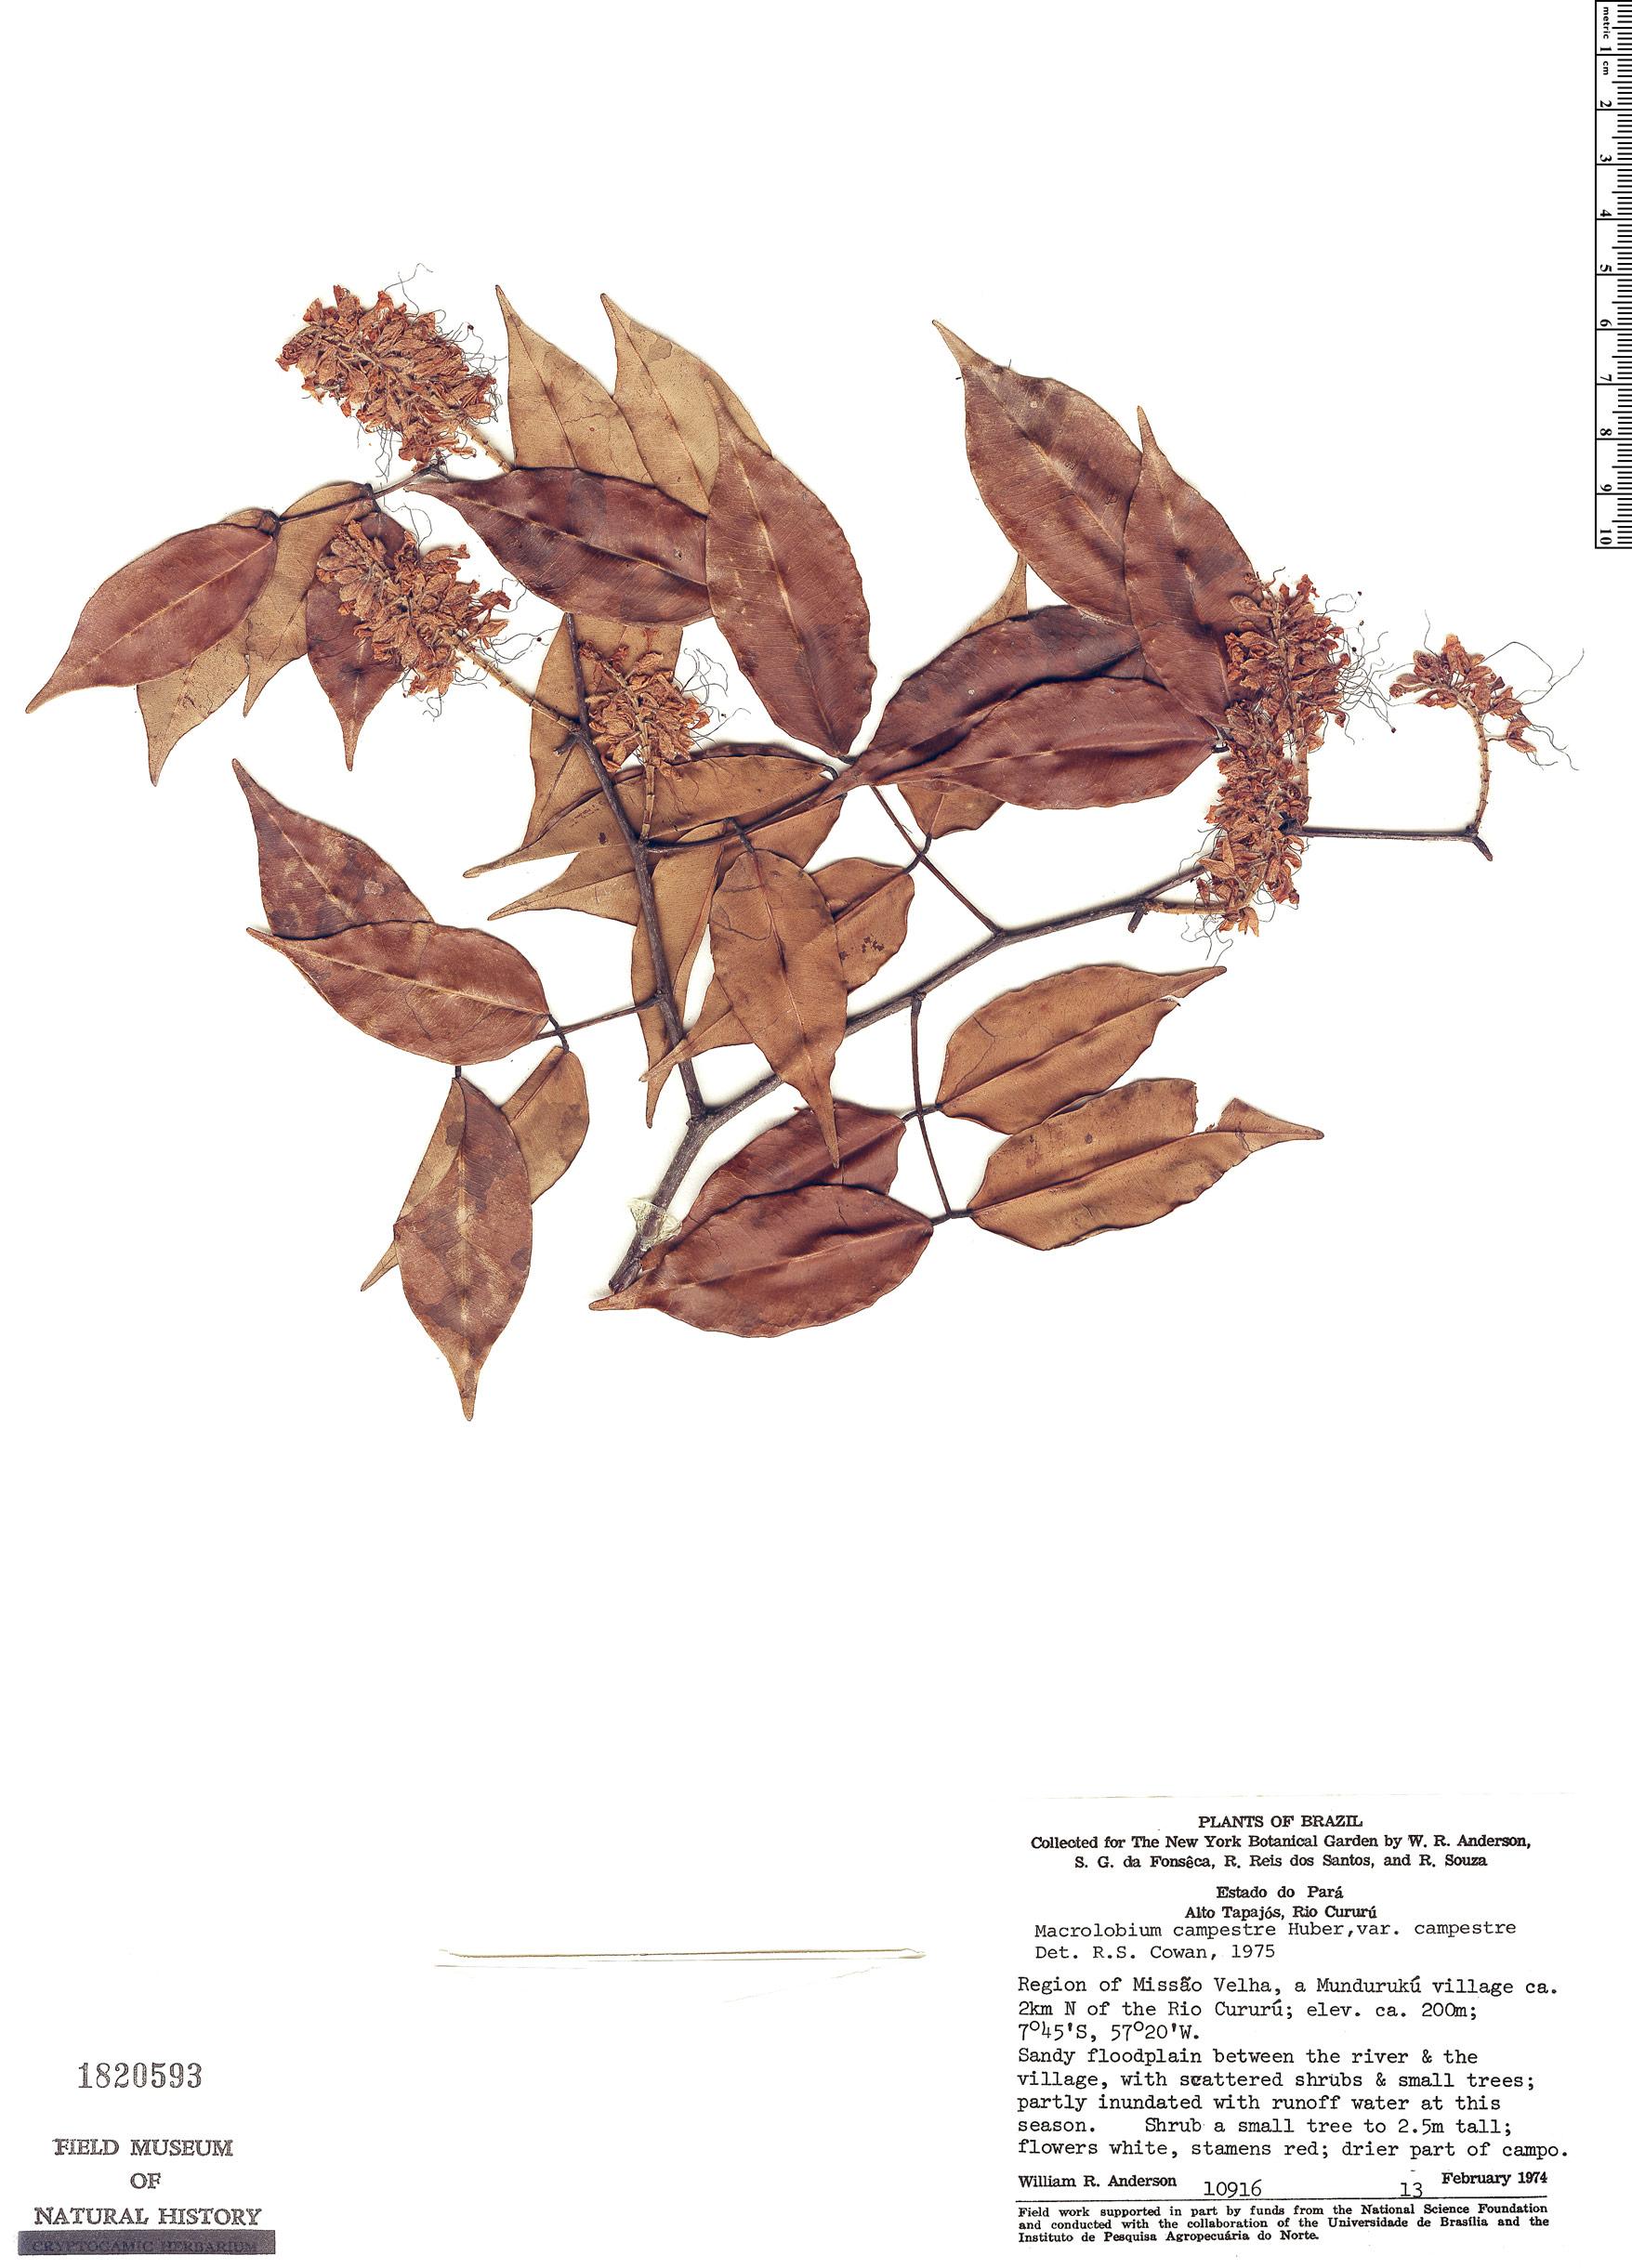 Specimen: Macrolobium campestre